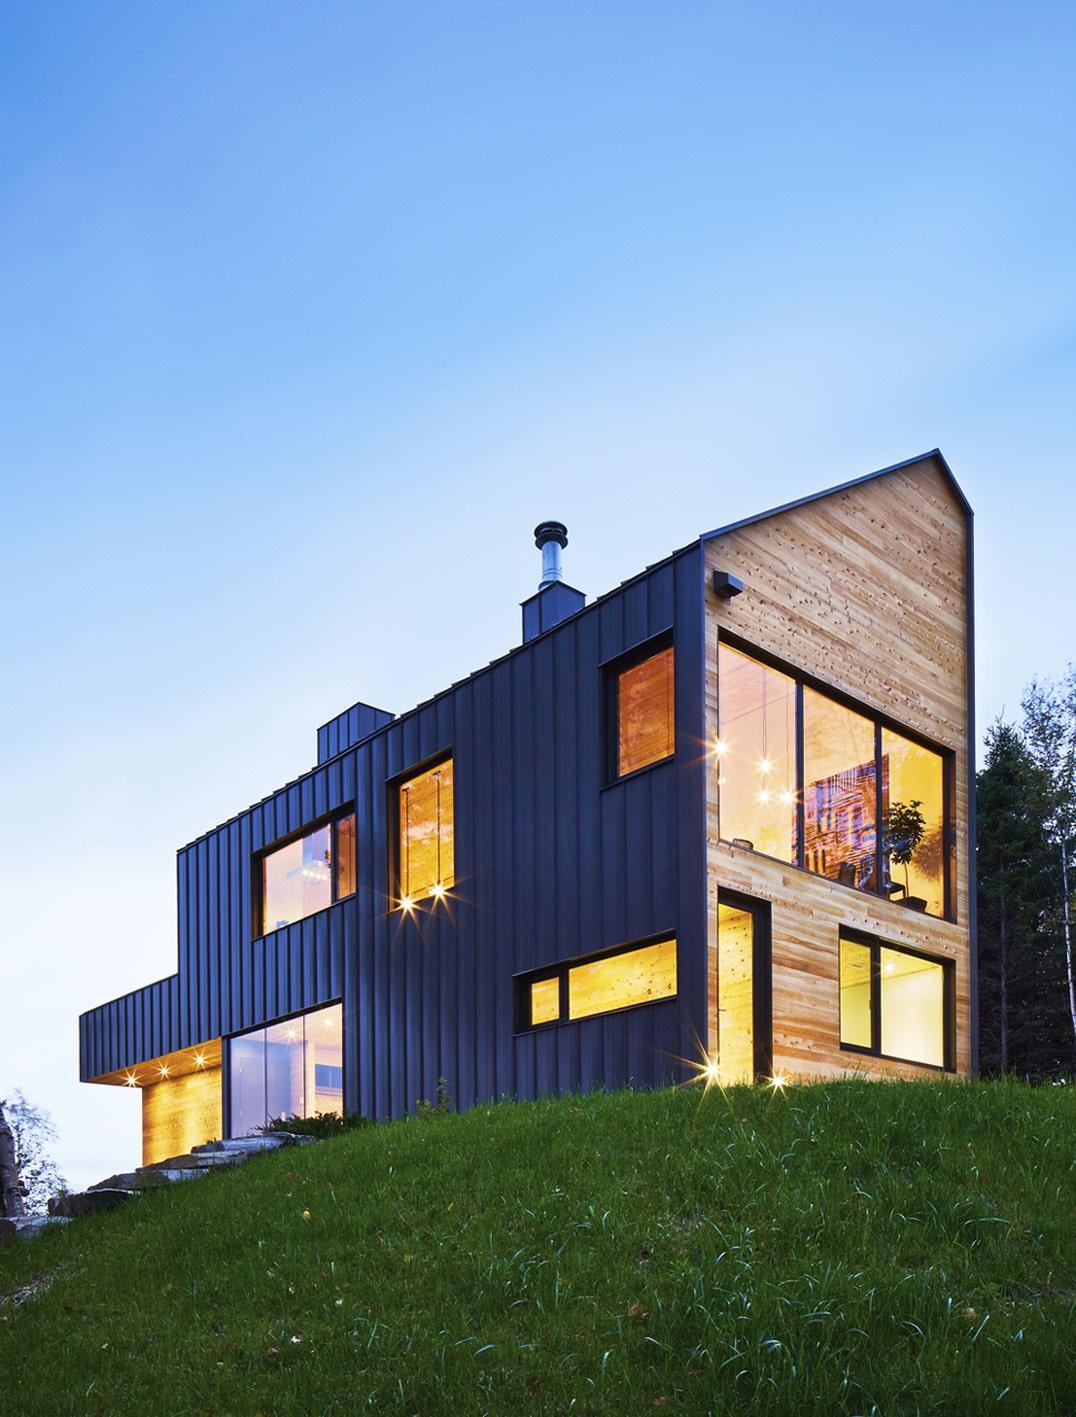 Dise o de casa moderna de dos pisos m s s tano planos for Horizontal house plans